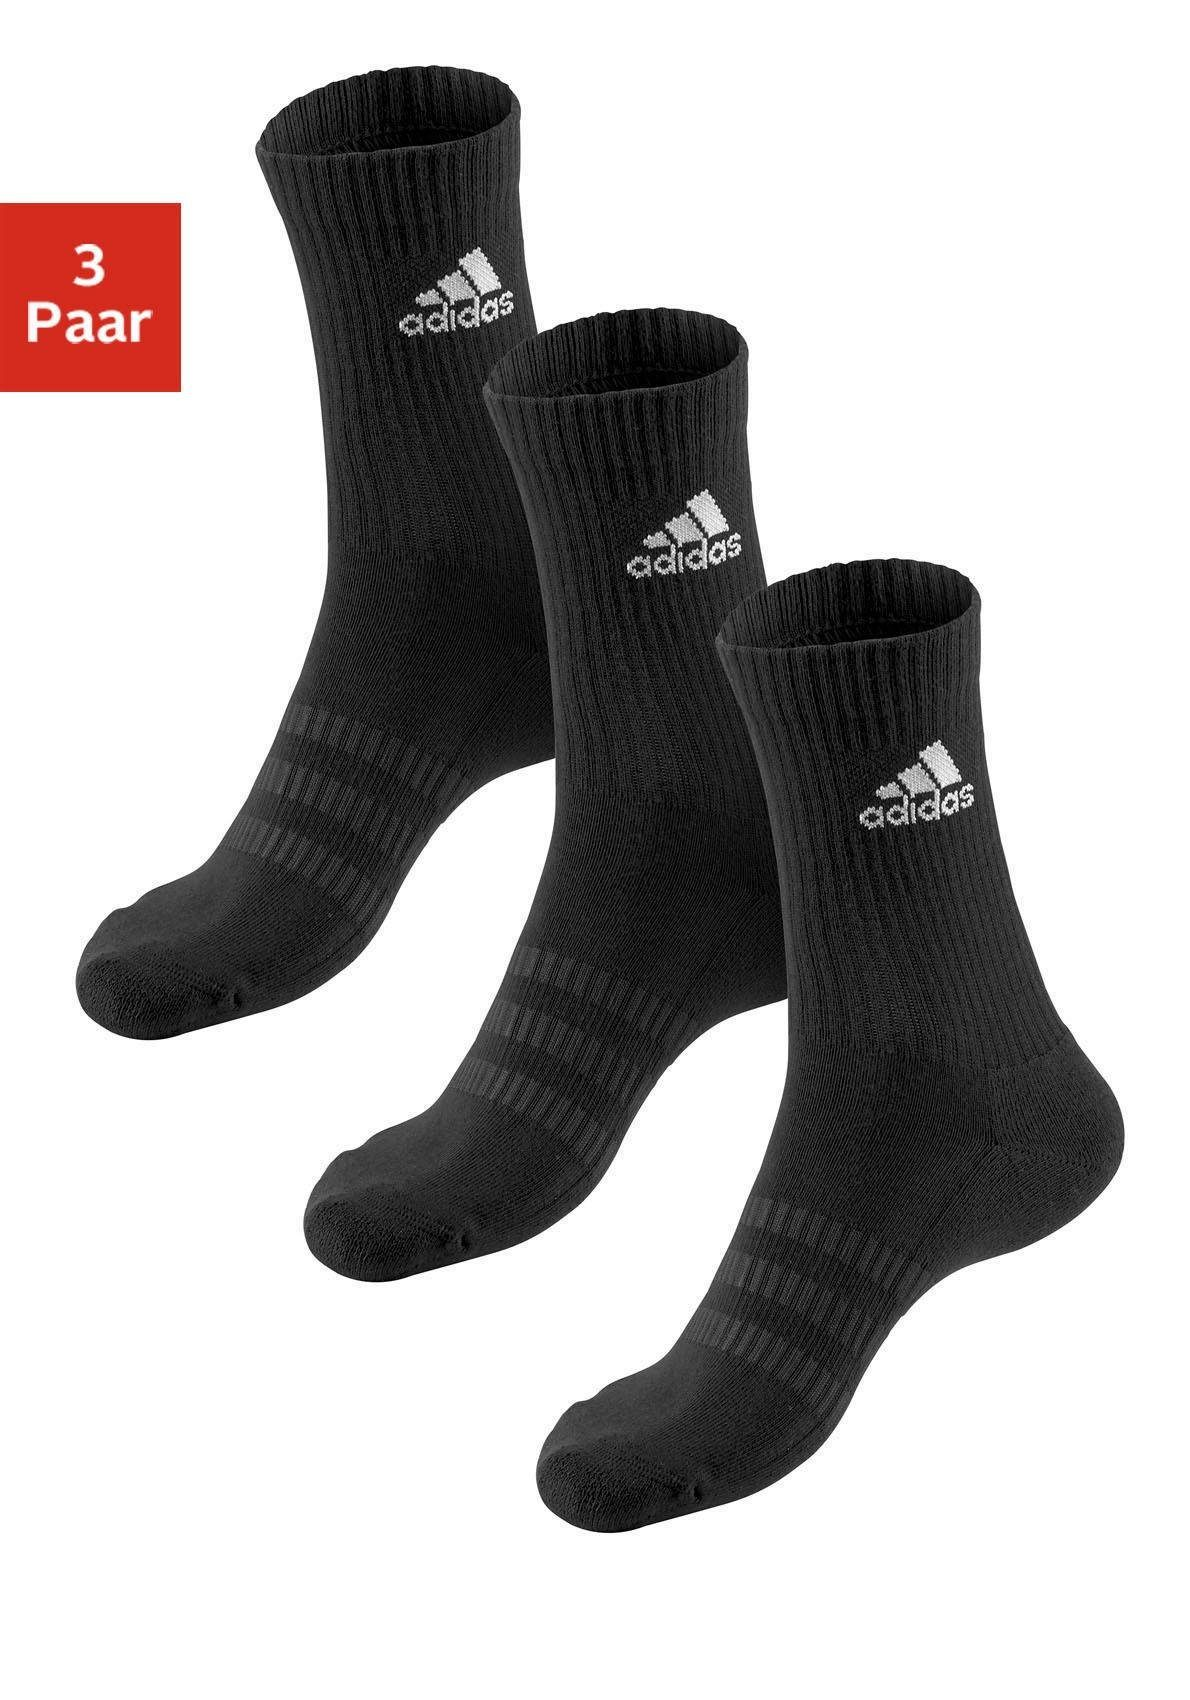 adidas Performance Tennissocken (3 Paar) Damenmode/Wäsche & Bademode/Damenwäsche/Socken/Sportsocken/Tennissocken